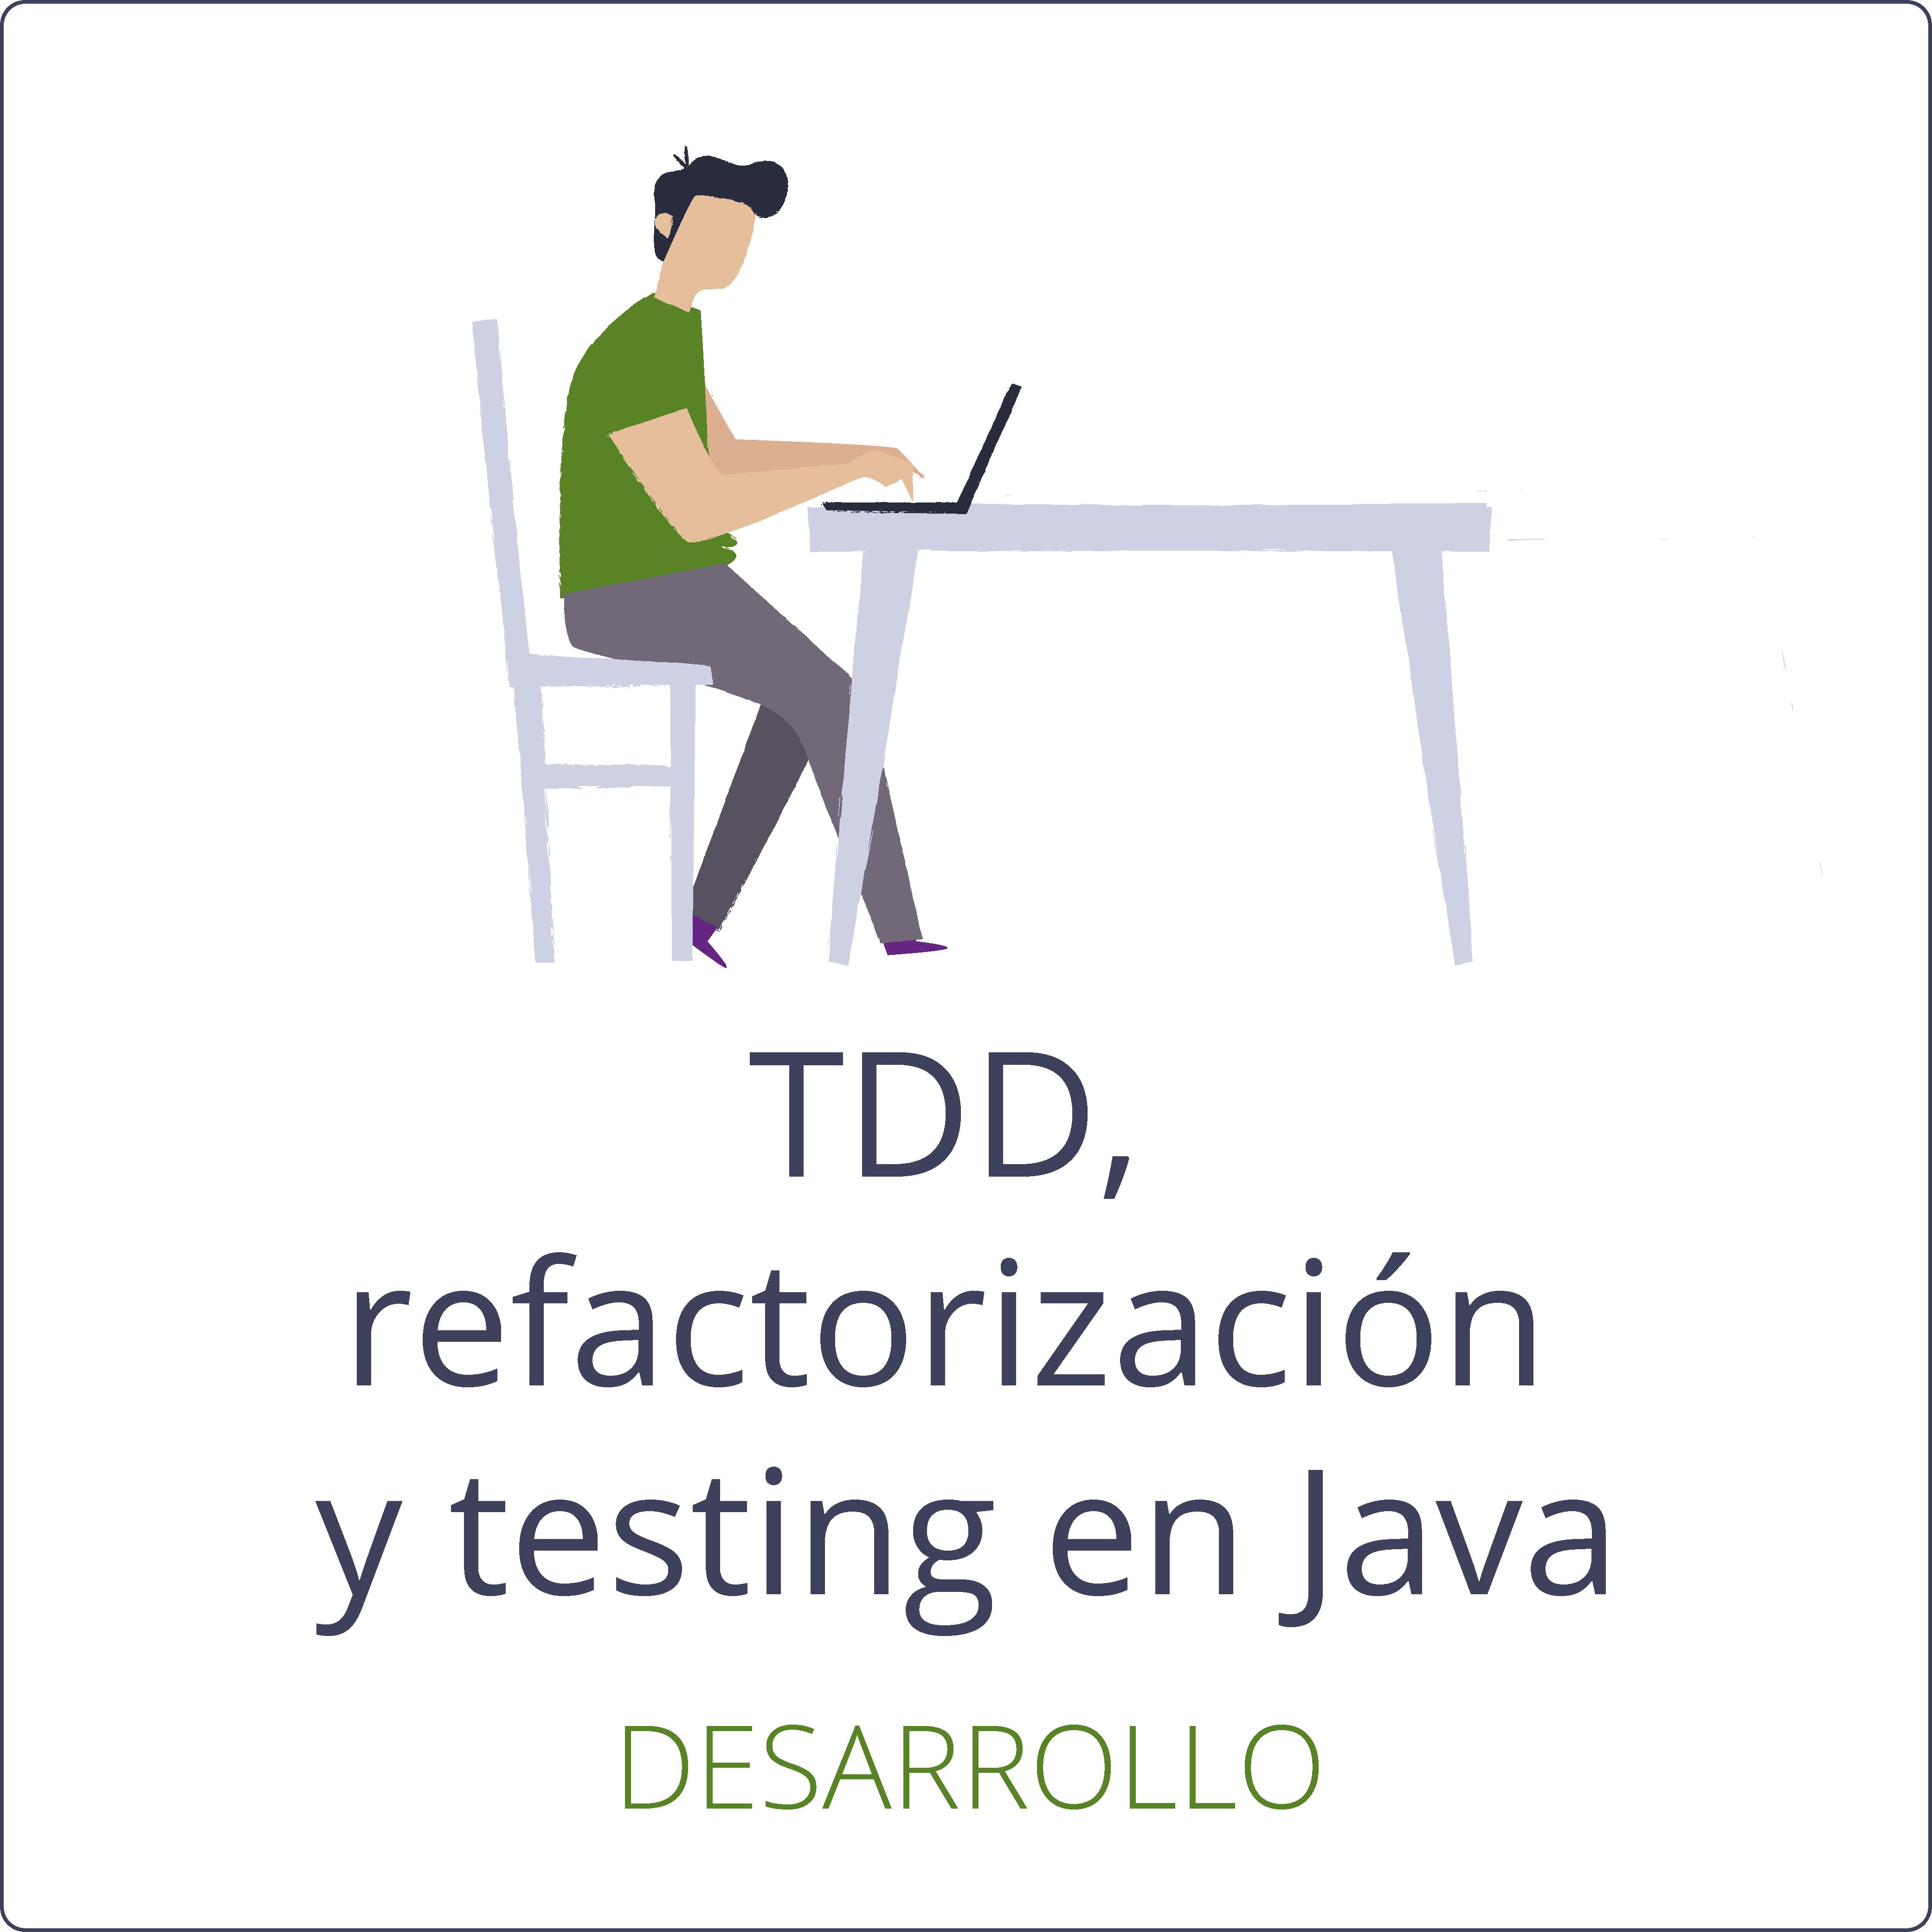 TDD, refactorización y testing en Java